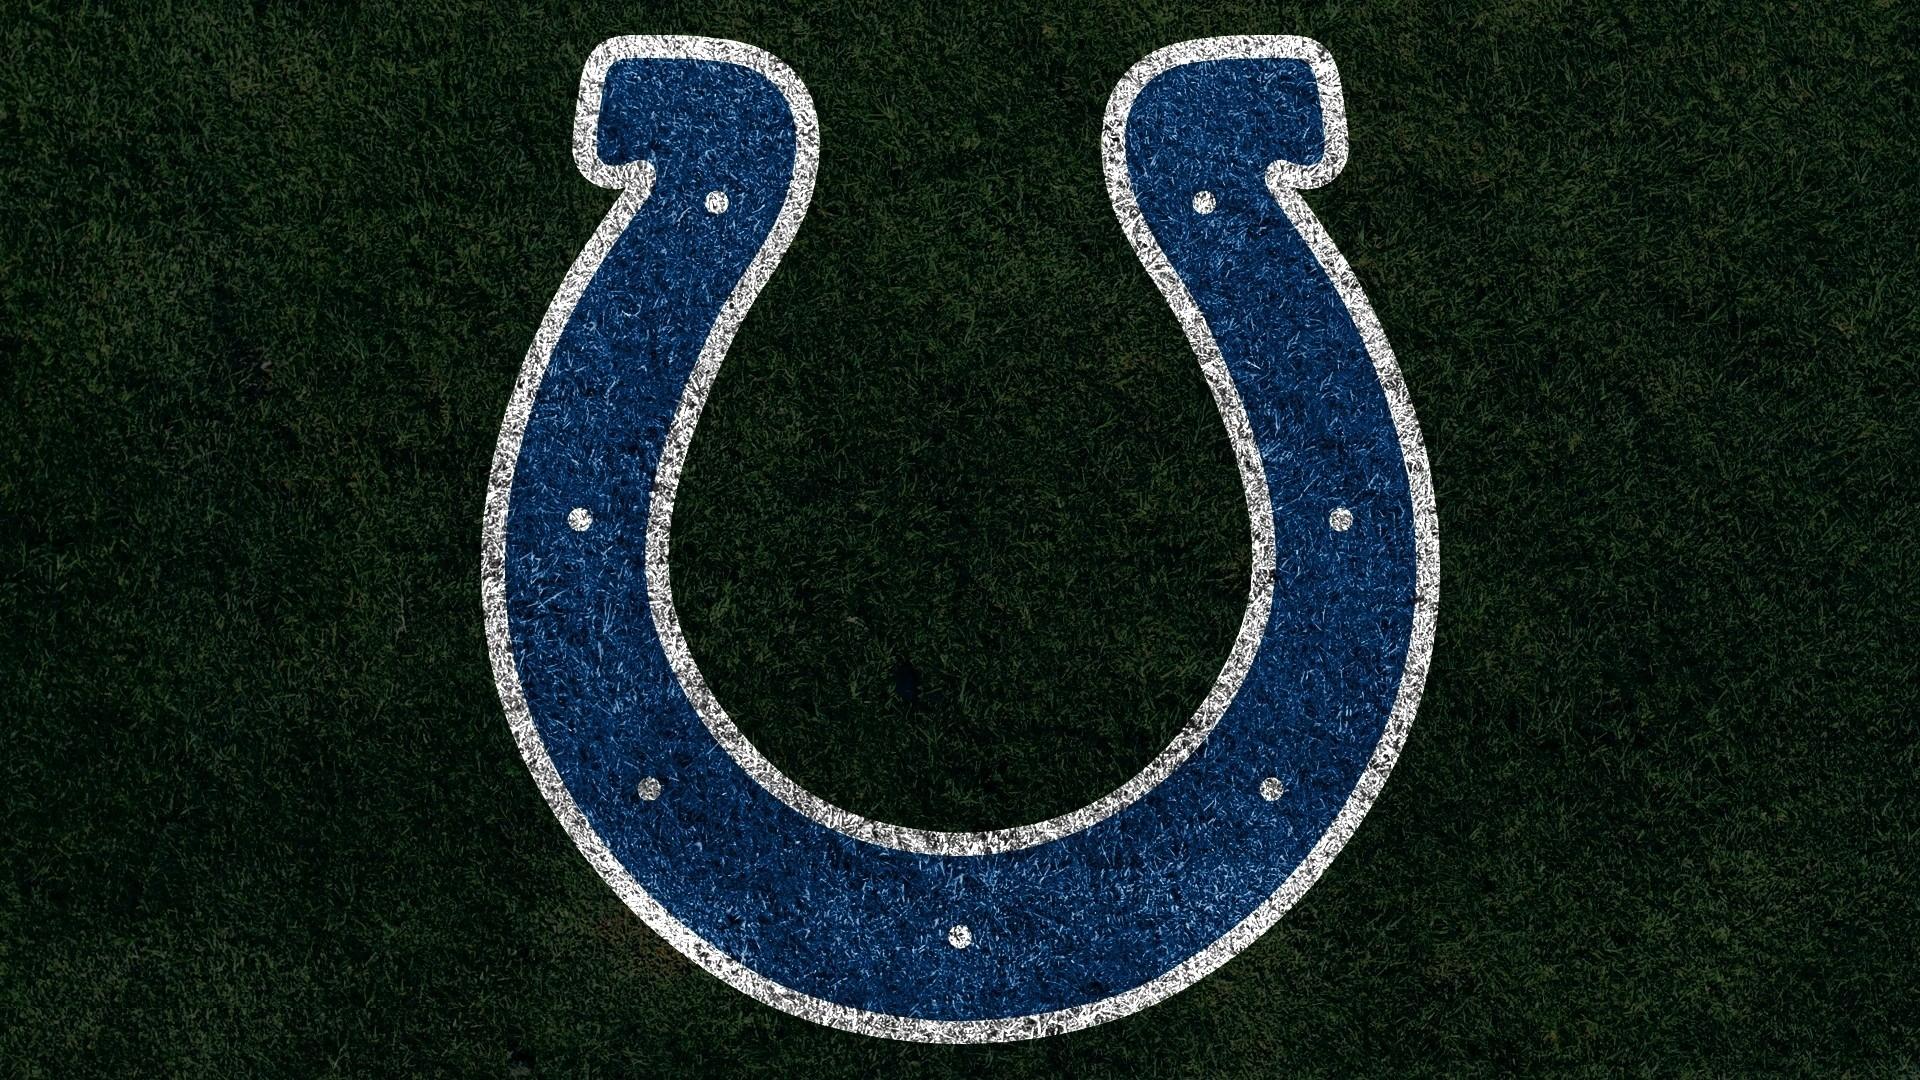 Colts hd wallpaper download